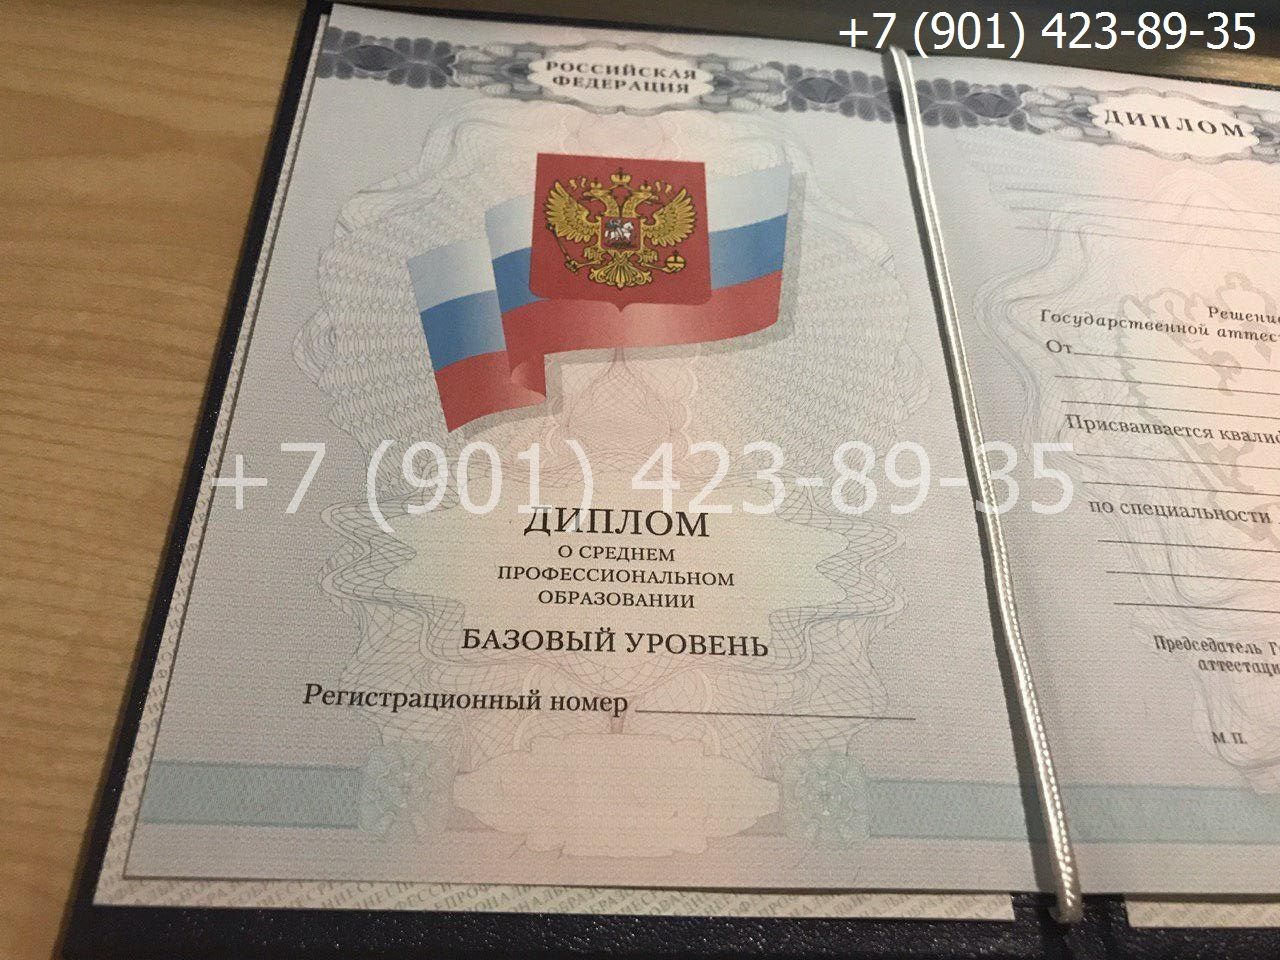 Диплом техникума 2007-2010 годов, старого образца, титульный лист